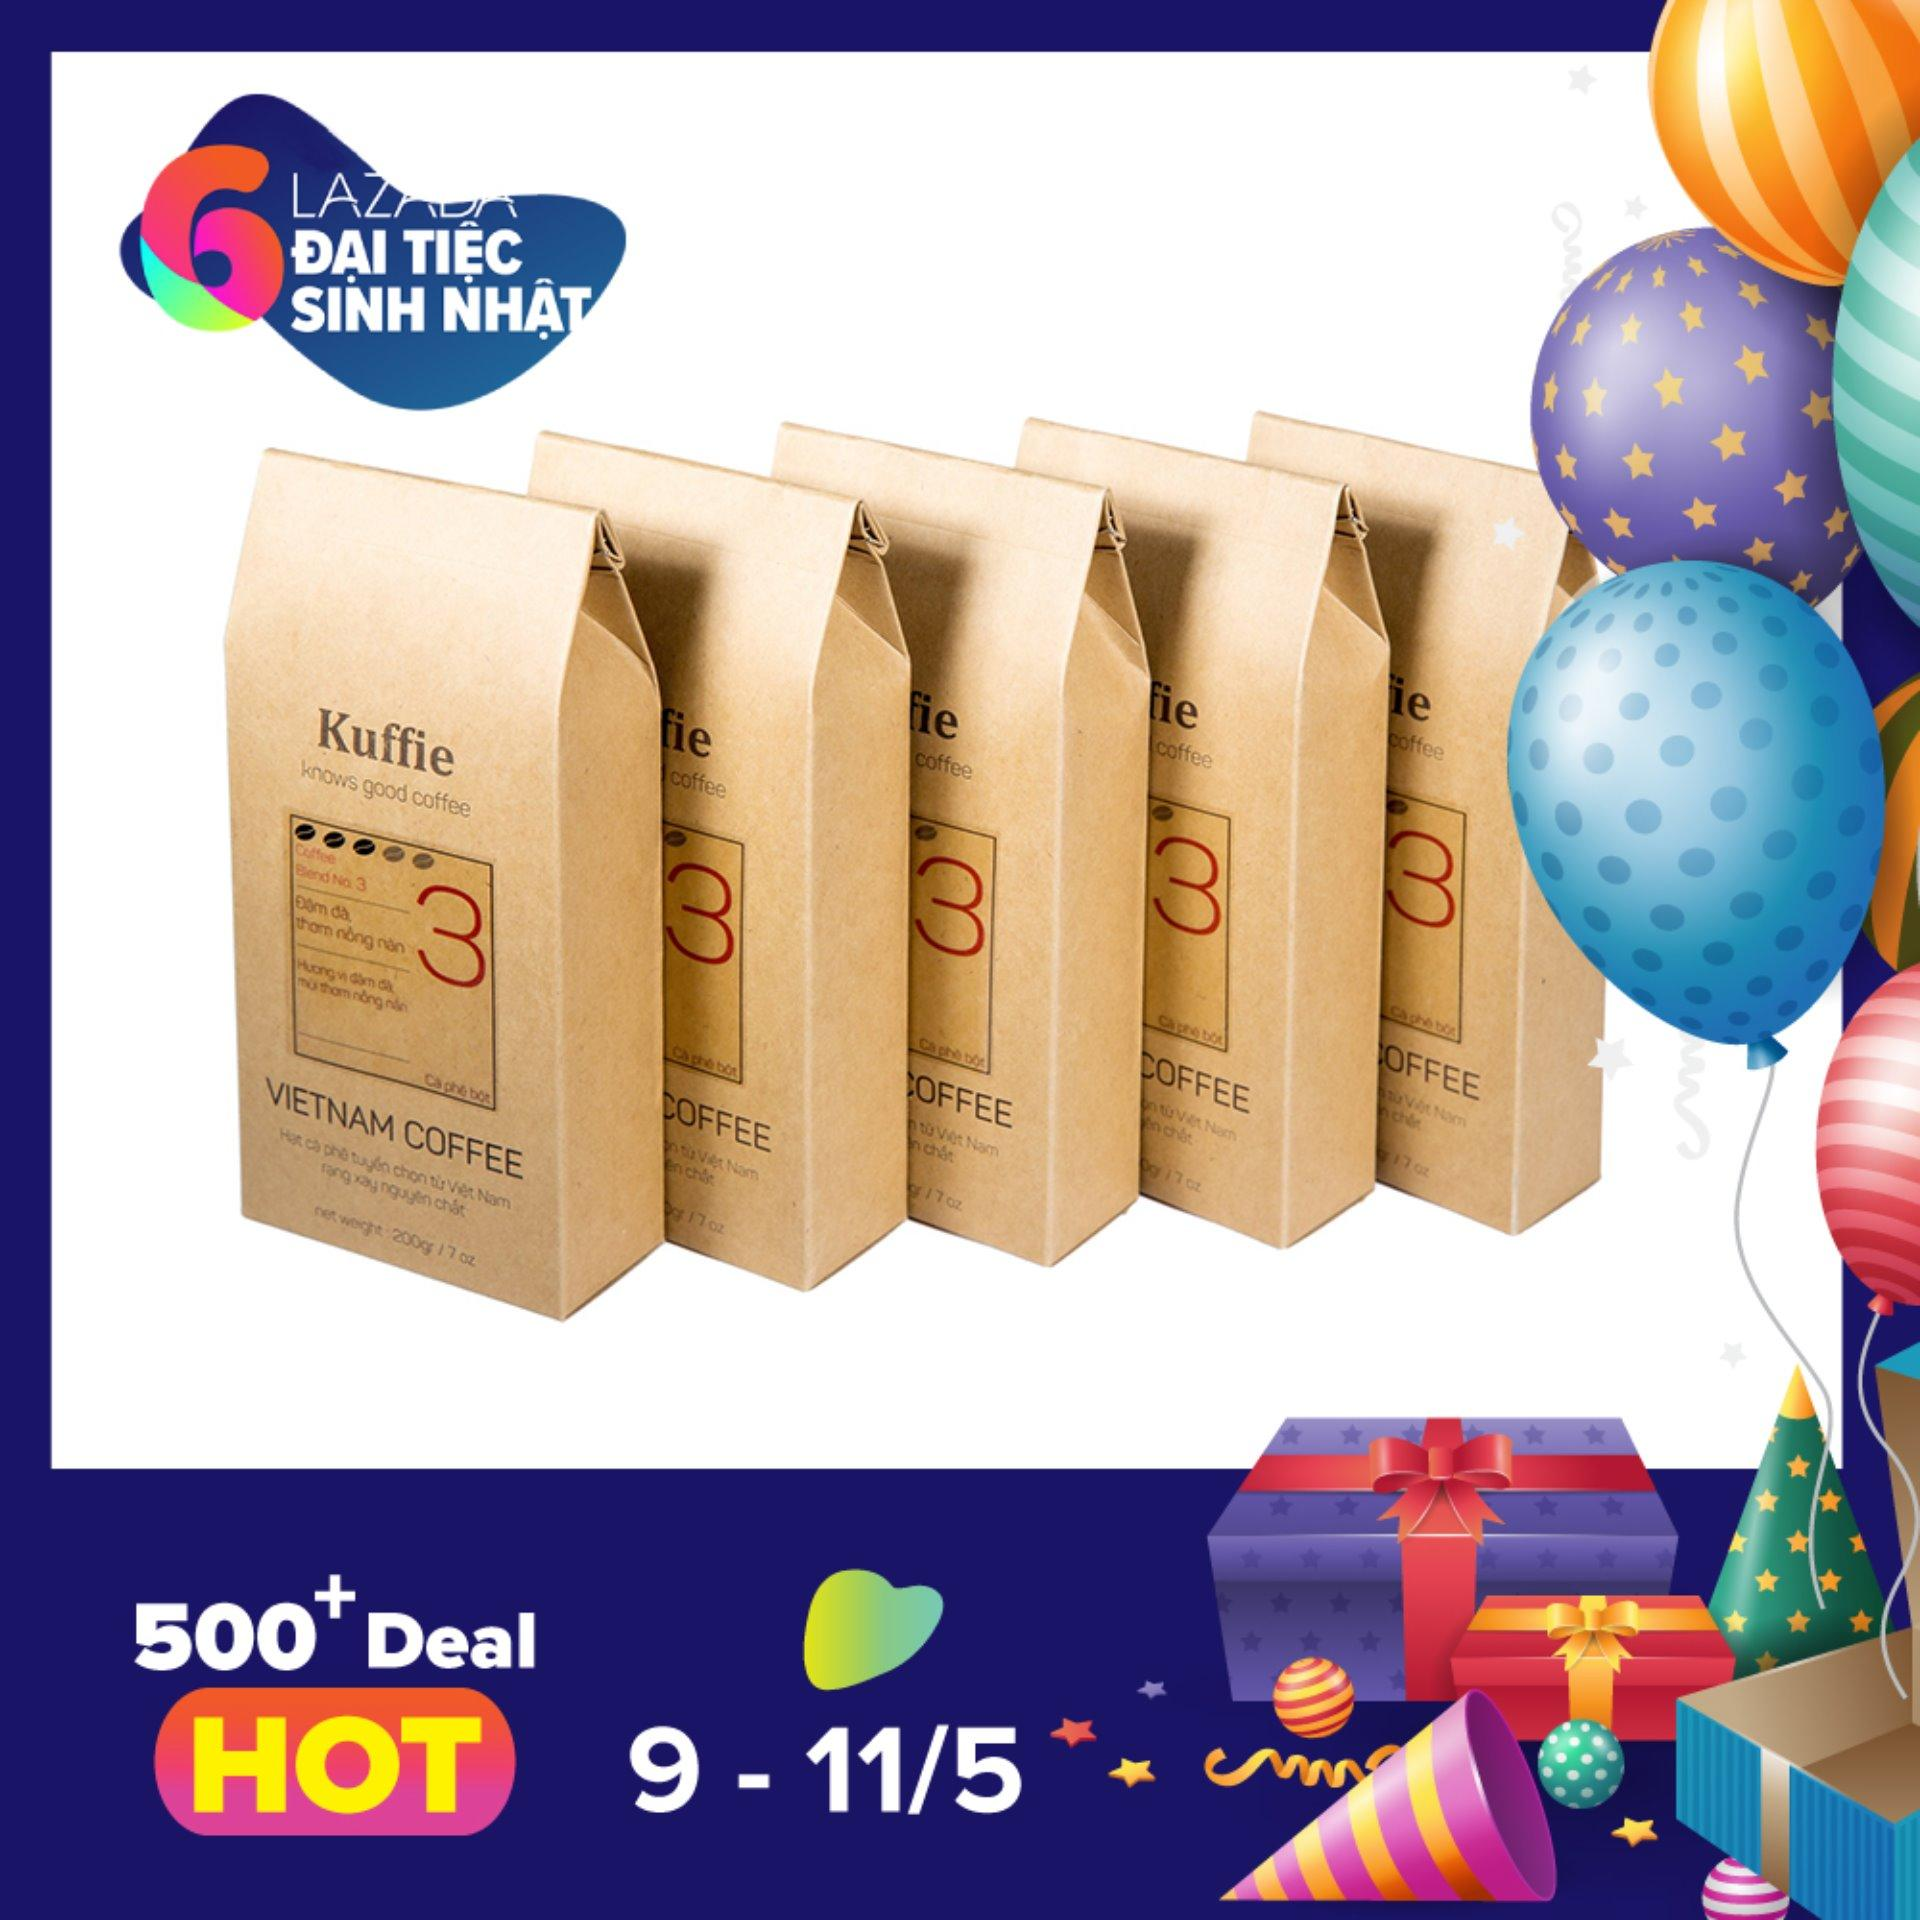 Giá Bán Bộ 5 Goi Ca Phe Bột Kuffie Số 3 100 Pure Coffee Robusta Arabica X 200G Mới Rẻ